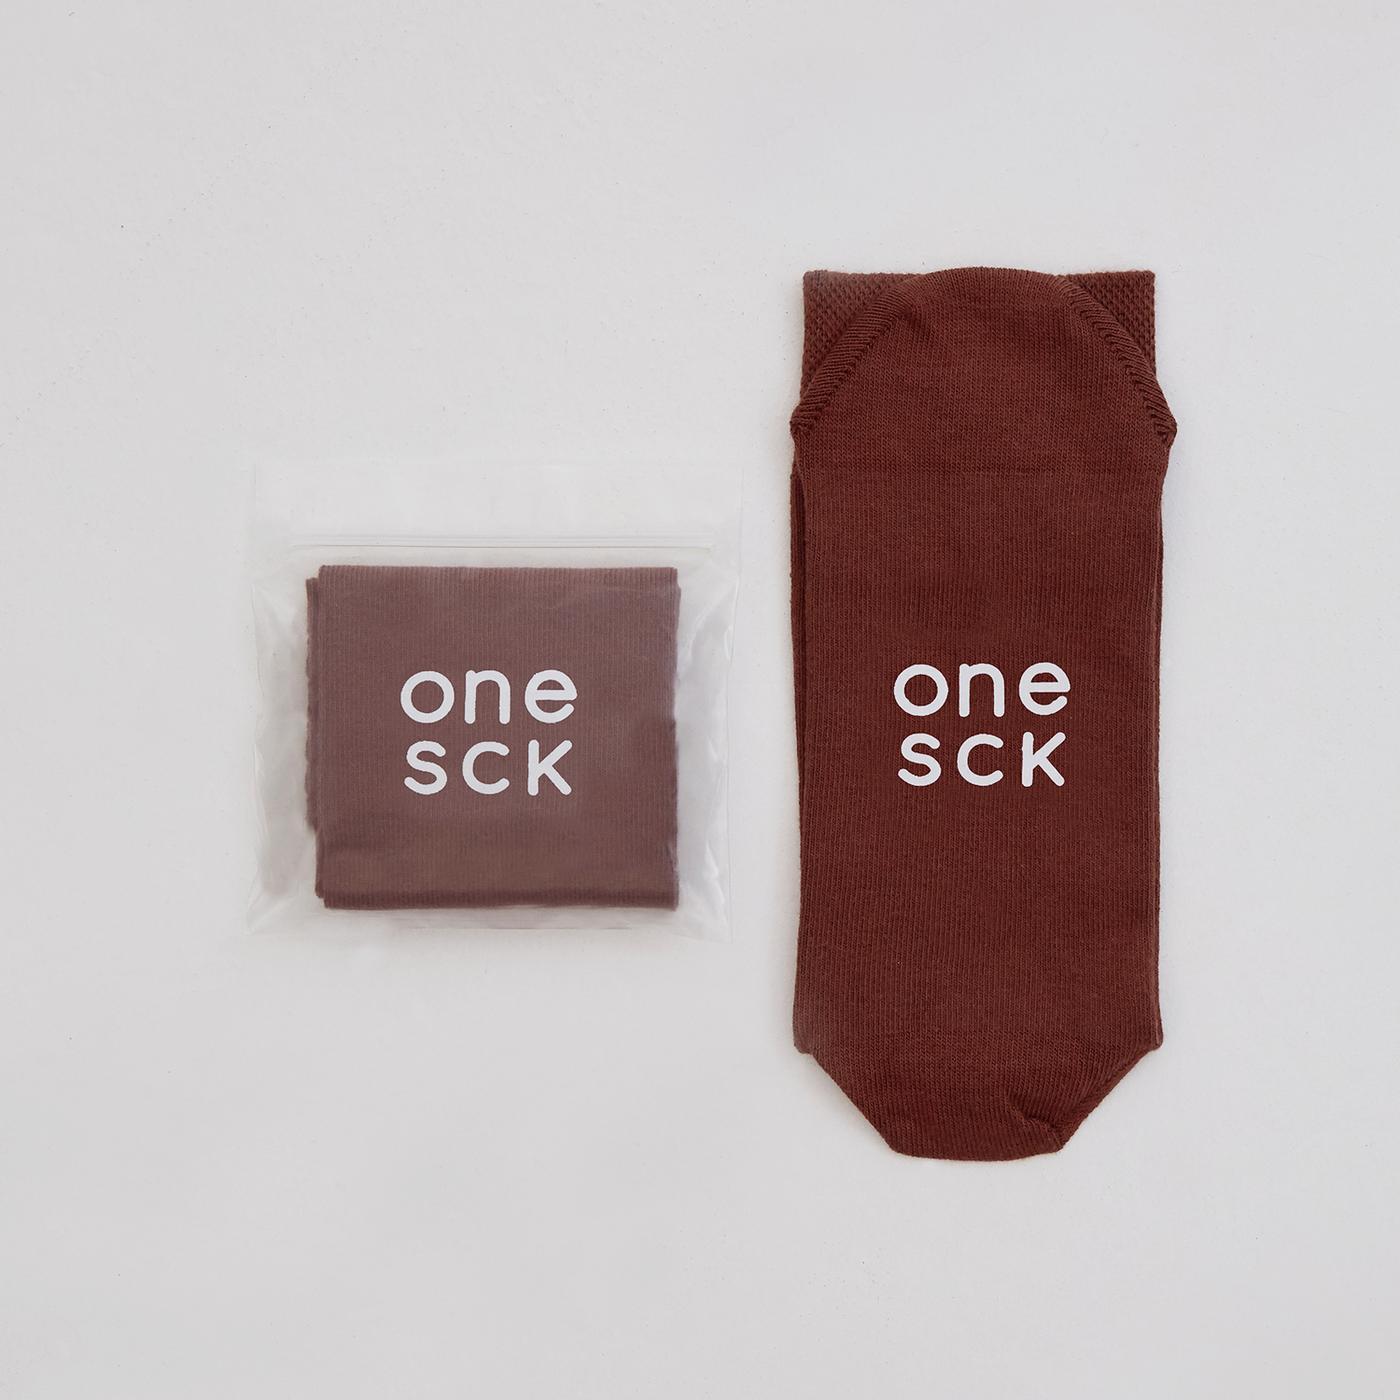 ONESCK Mocha Brown One Unisex Kahverengi Çorap